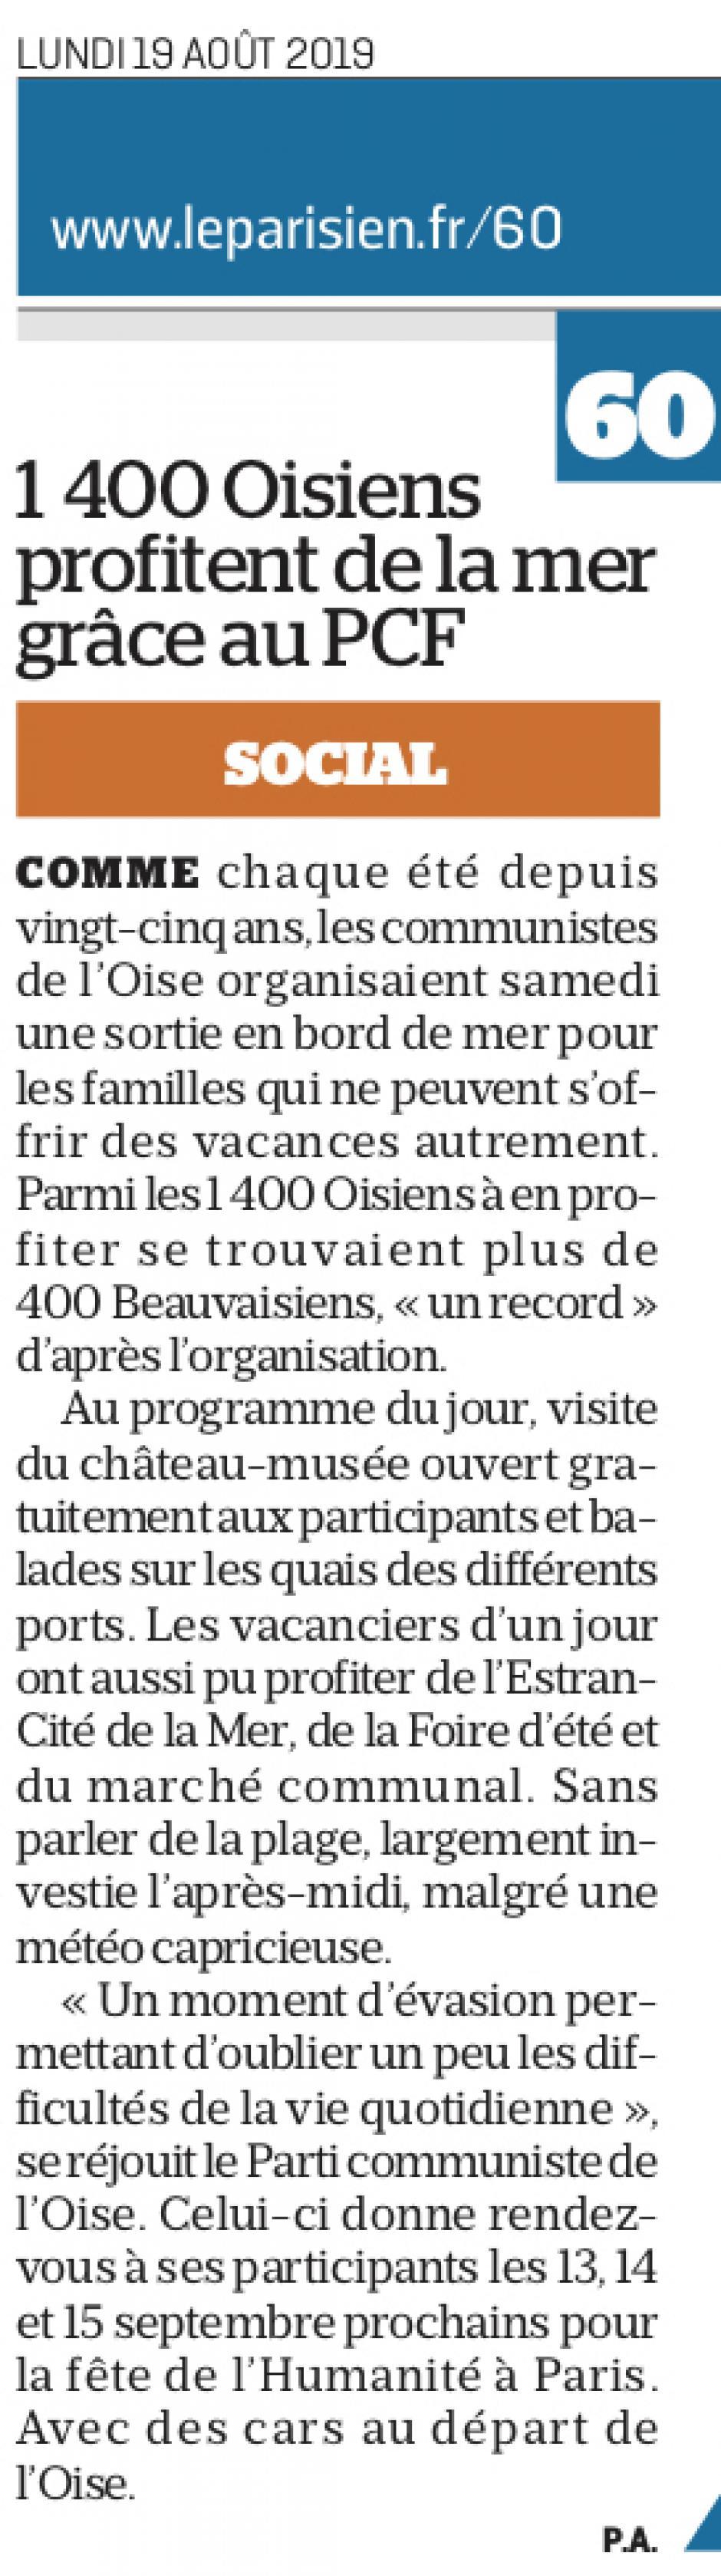 20190819-LeP-Dieppe-1 400 Oisiens profitent de la mer grâce au PCF